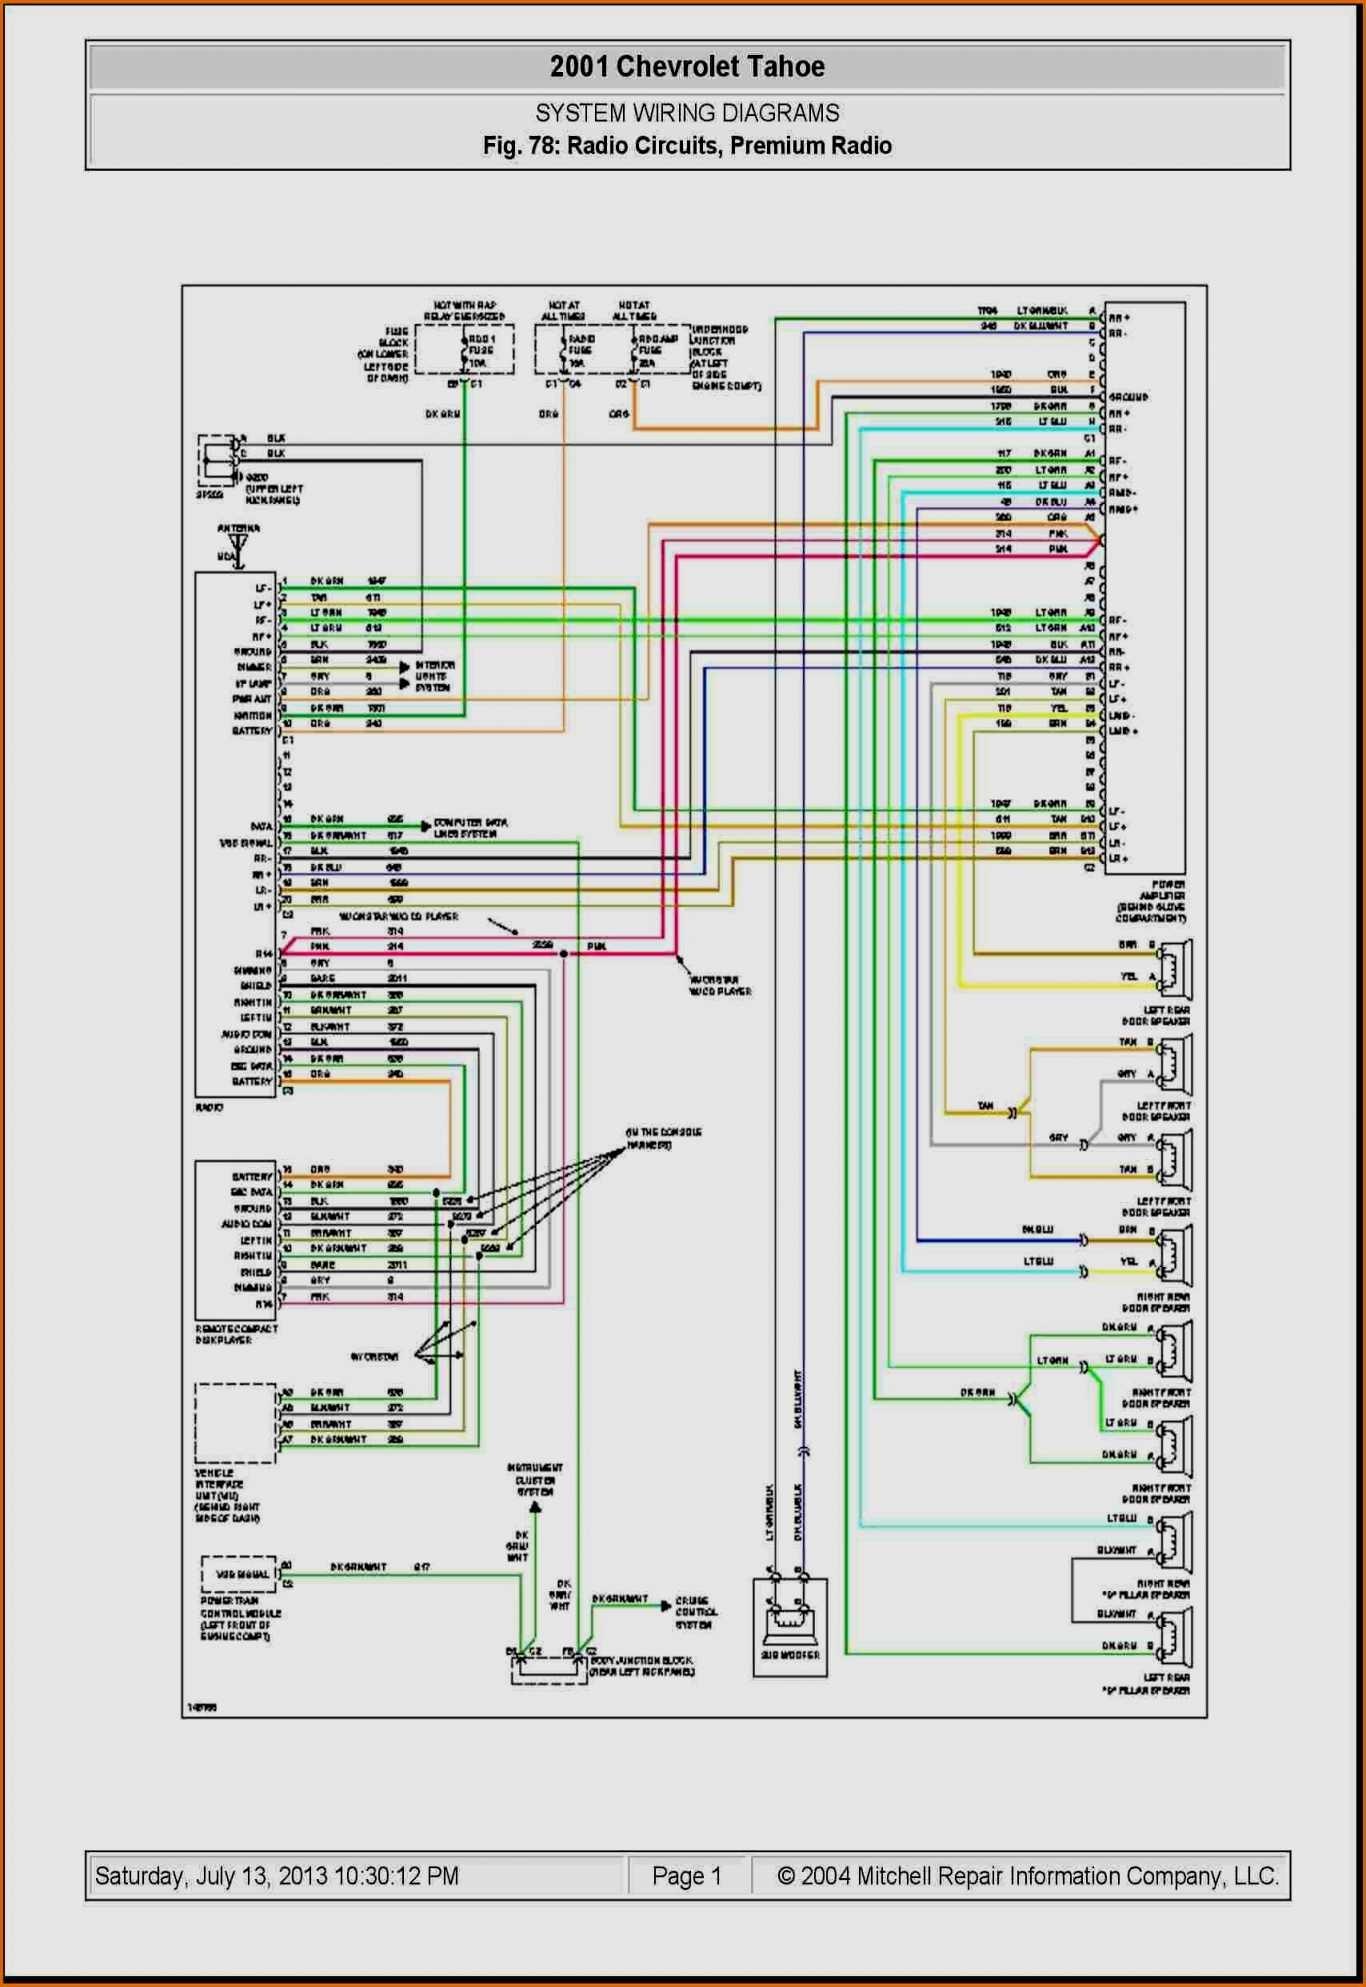 [SCHEMATICS_4JK]  2004 Gmc Envoy Xl Wiring Diagram John Deere Starter Relay Wiring Diagram -  air-nipis.3.allianceconseil59.fr | 03 Gmc Wire Diagram |  | Wiring Diagram and Schematics